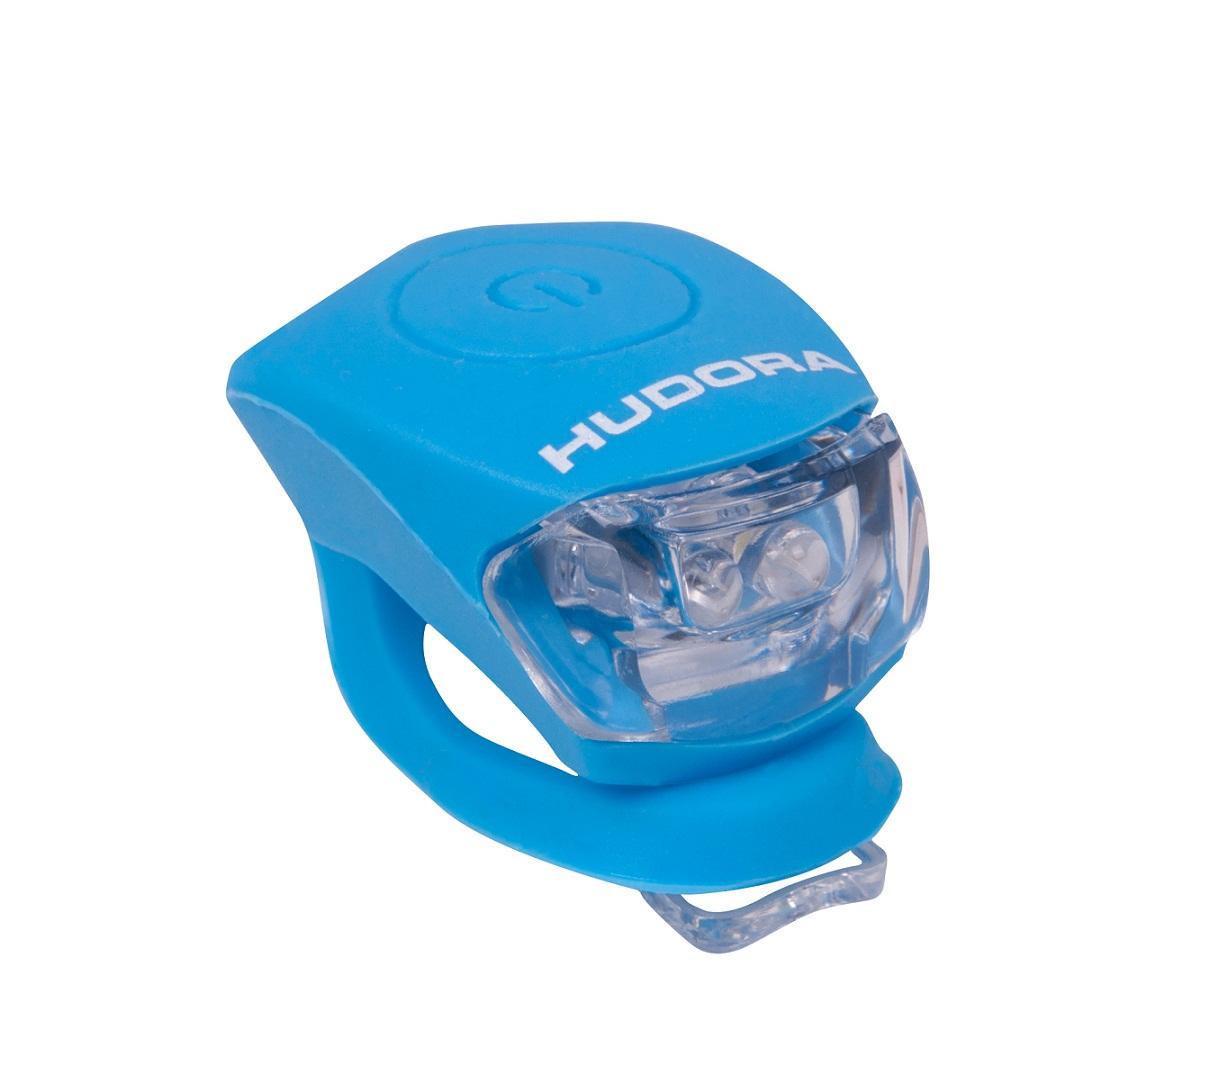 Купить Фонарик LED Licht Shine, blue, Hudora